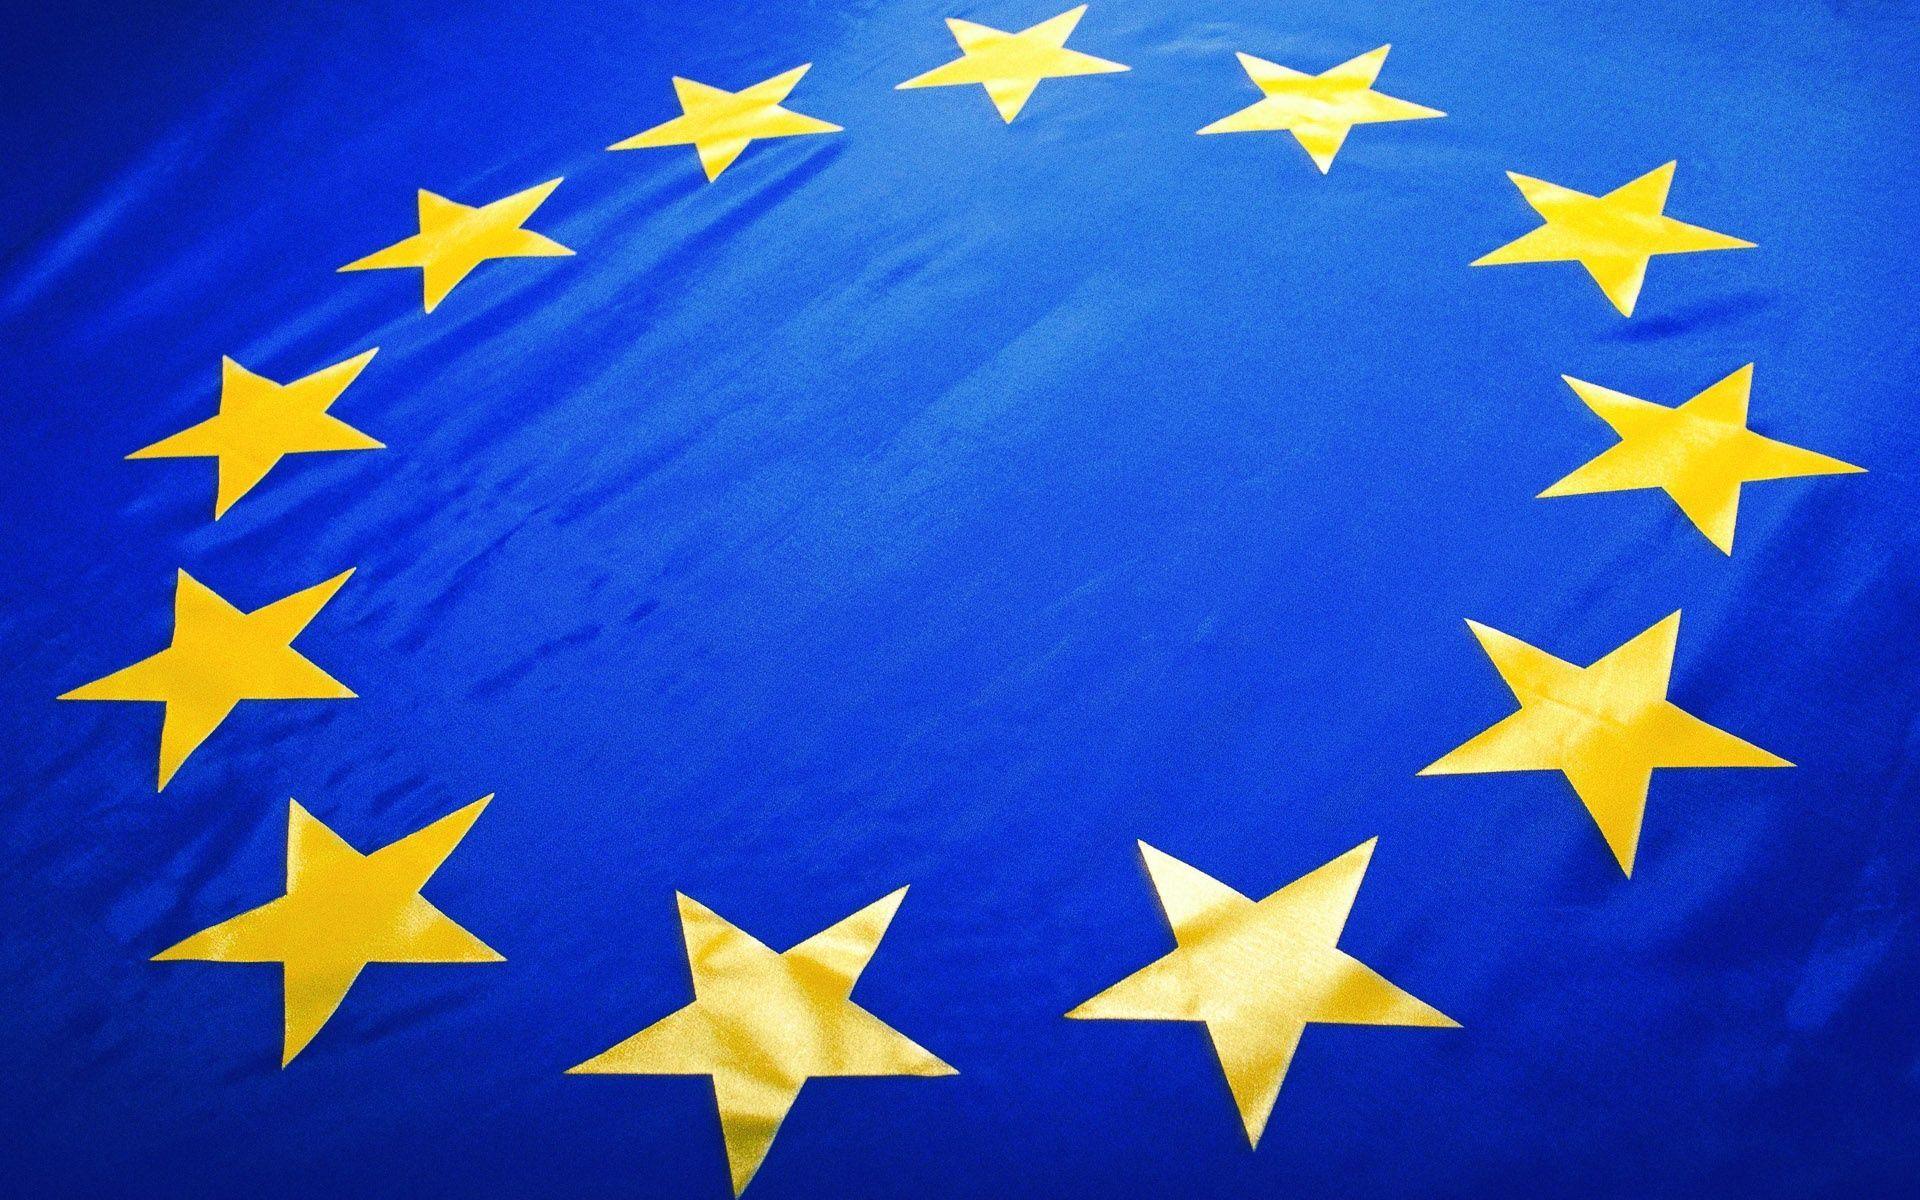 ¿Crees que la Unión Europea debe seguir existiendo?